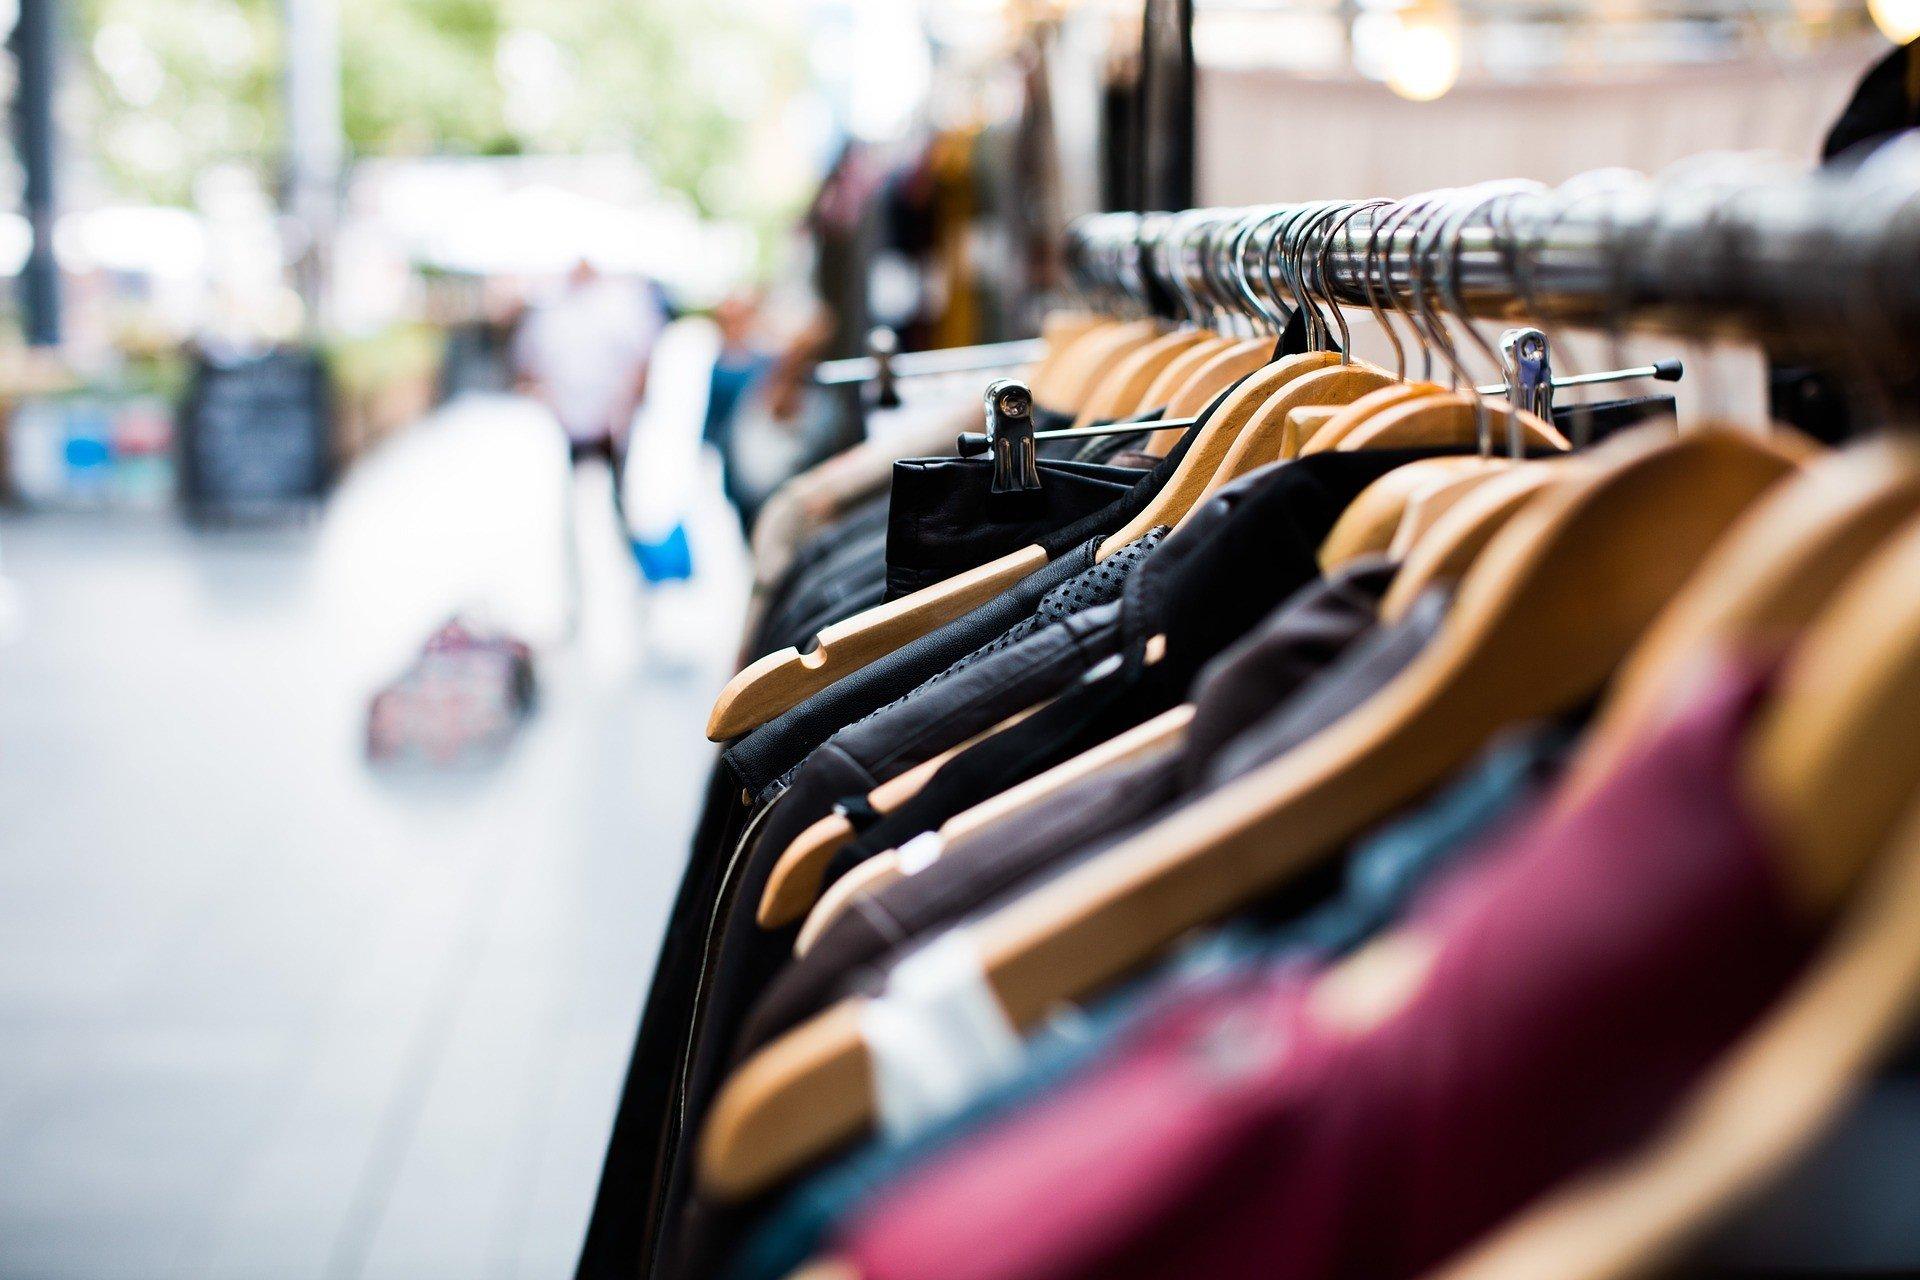 Антитренды: какую верхнюю одежду нестоит носить этой зимой